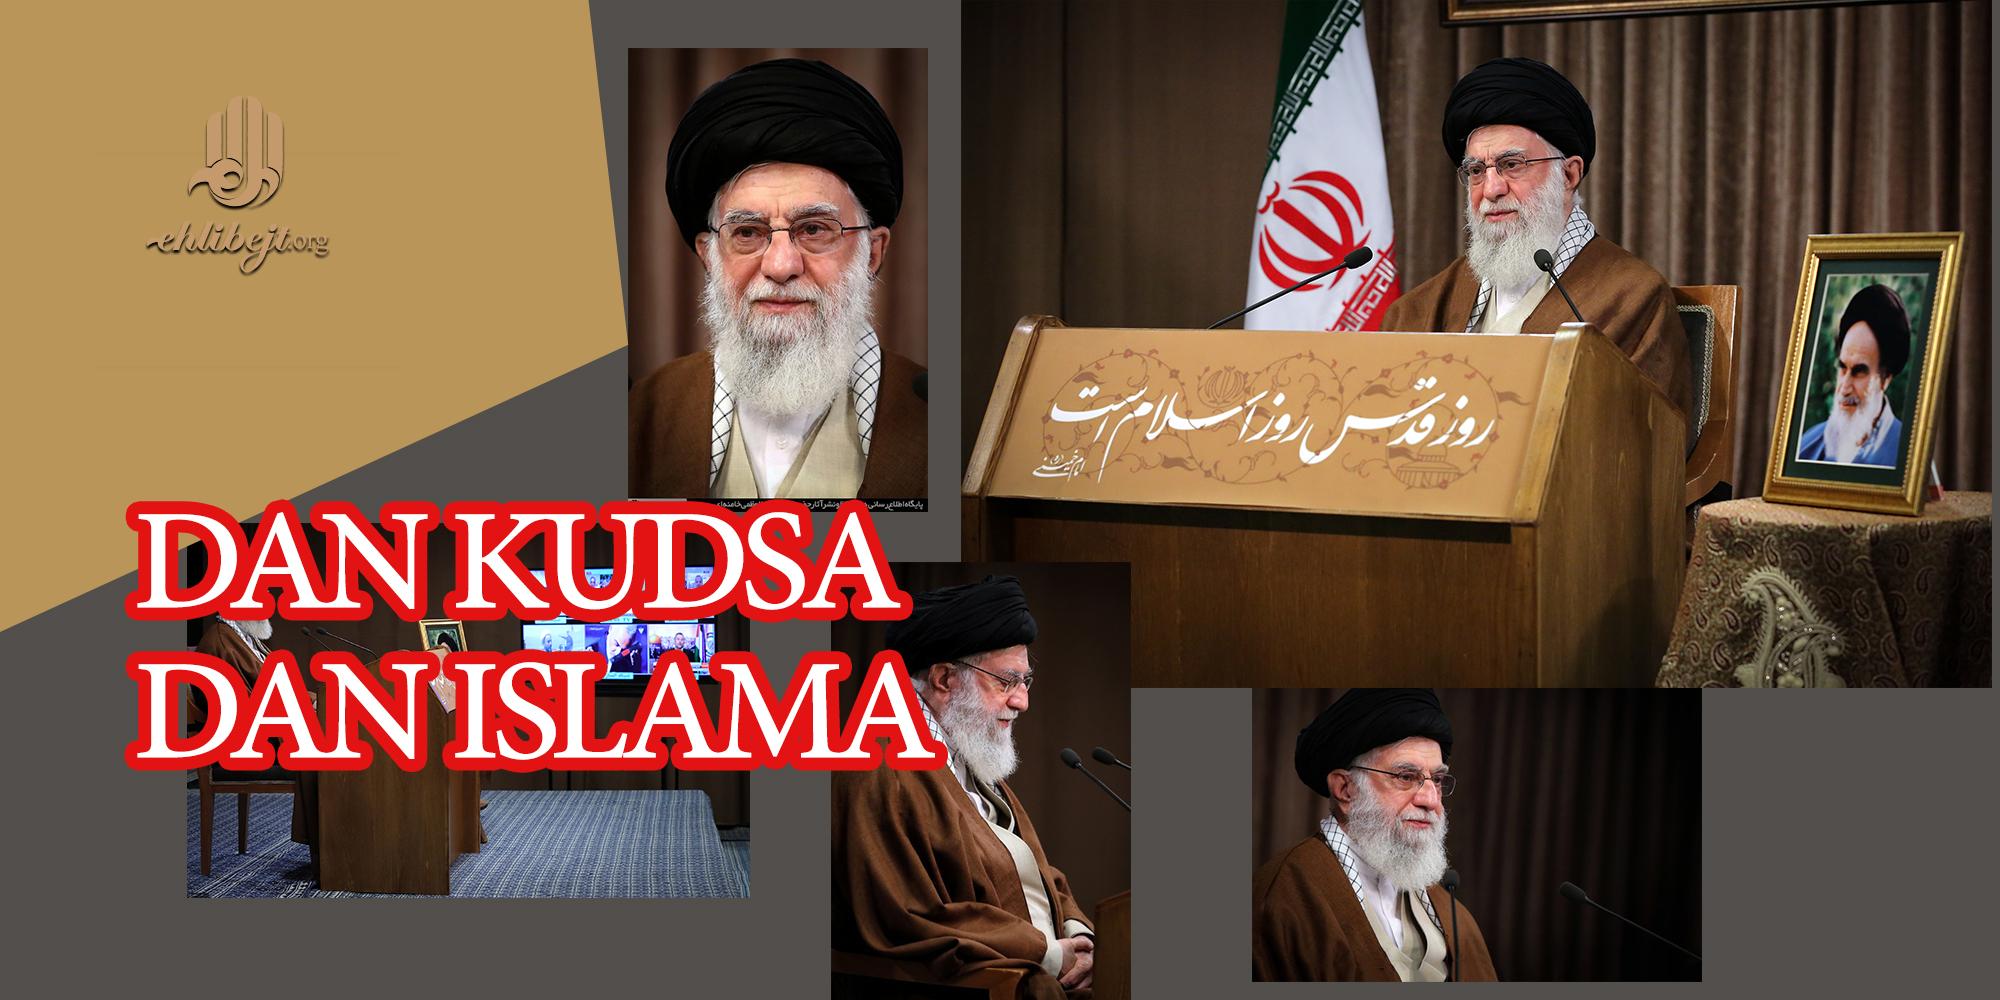 Dan Kudsa dan islama